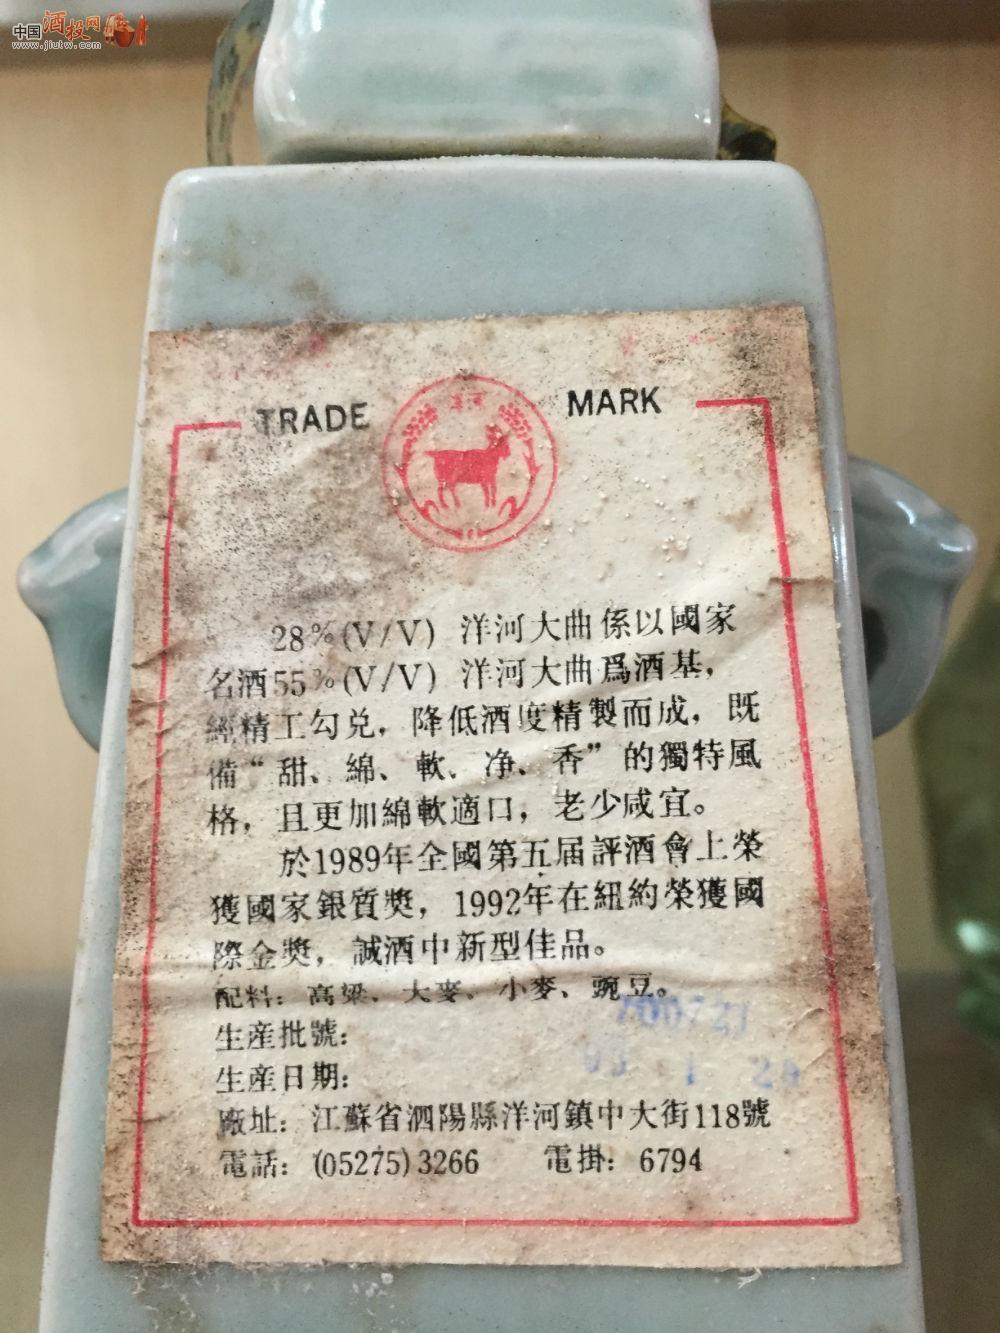 93年 53优 原件 双耳瓶《洋河大曲》